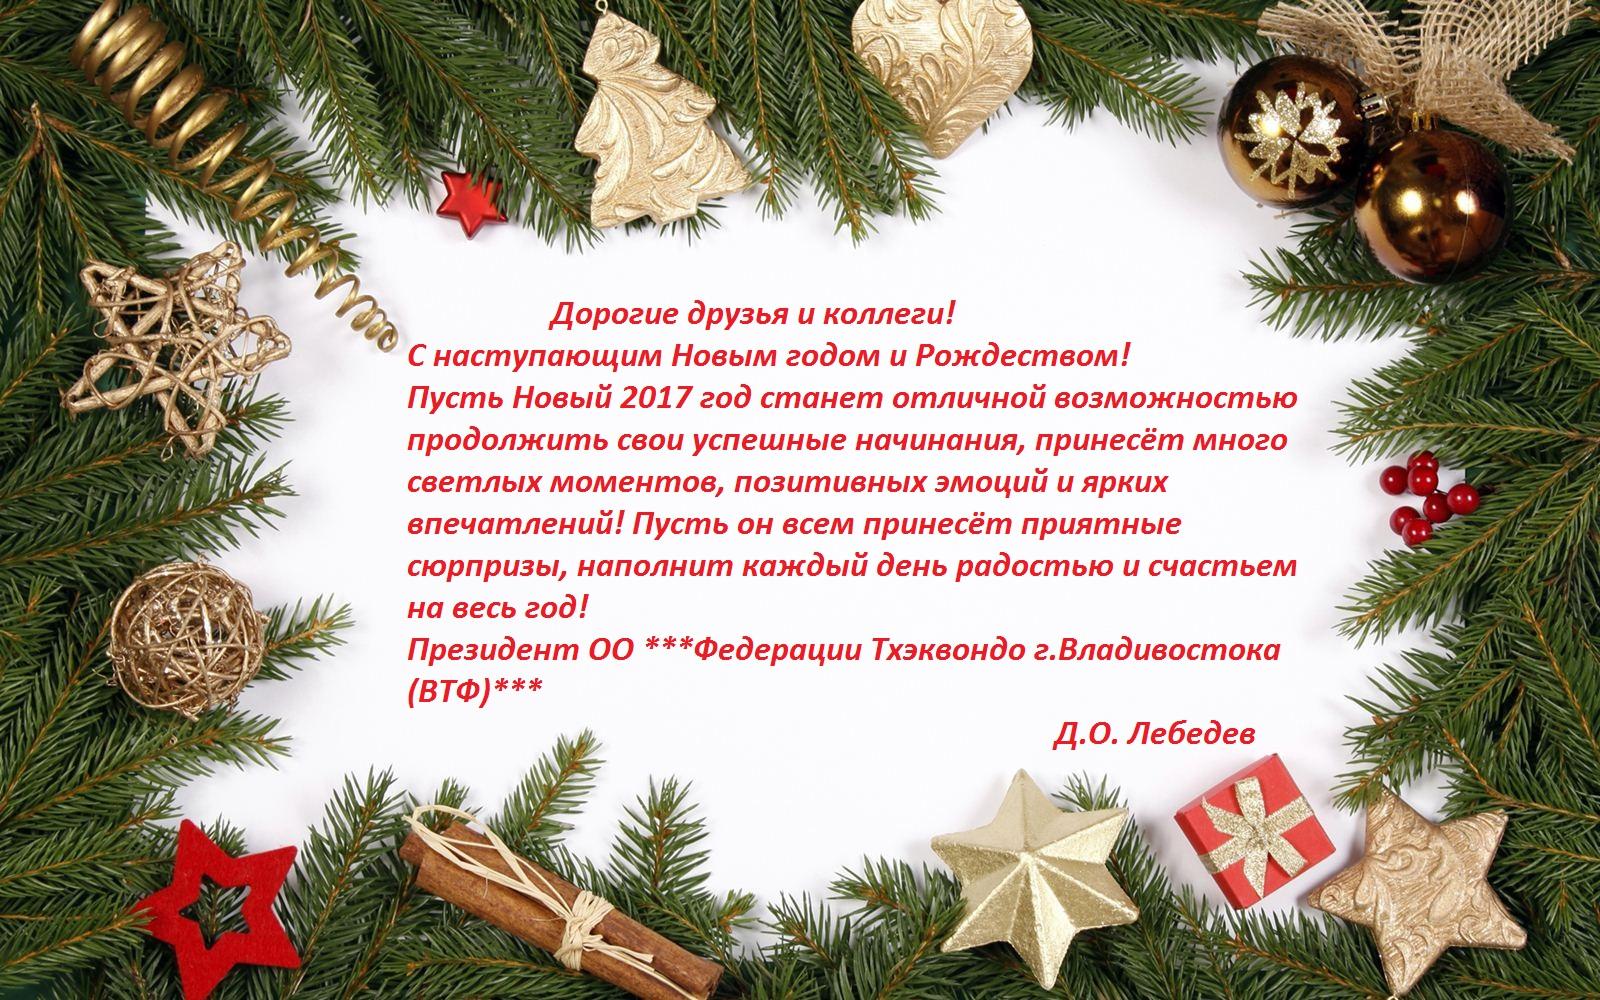 http://pyterka.ru/upload/wtf/information_system_46/1/5/2/item_152478/information_items_152478.jpg